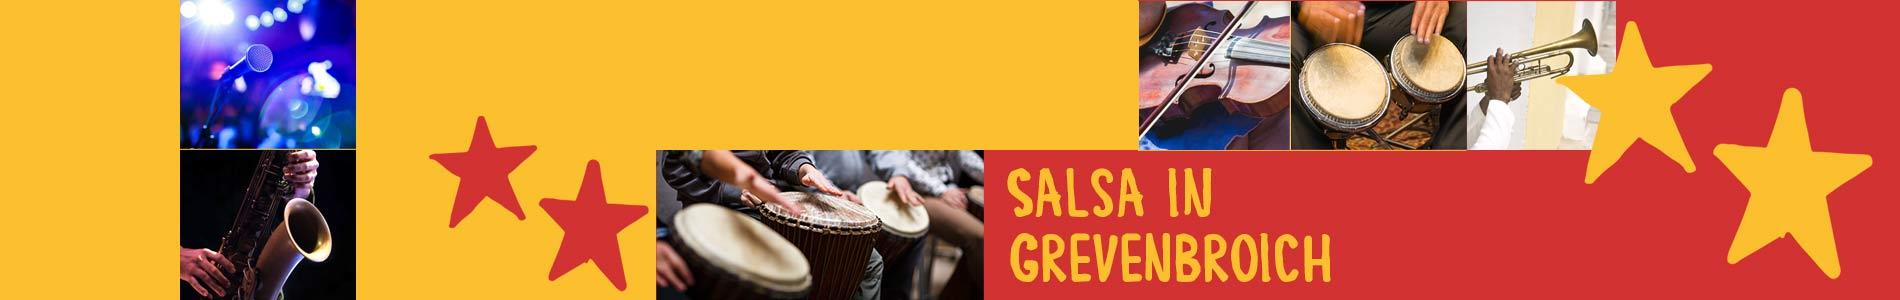 Salsa in Grevenbroich – Salsa lernen und tanzen, Tanzkurse, Partys, Veranstaltungen